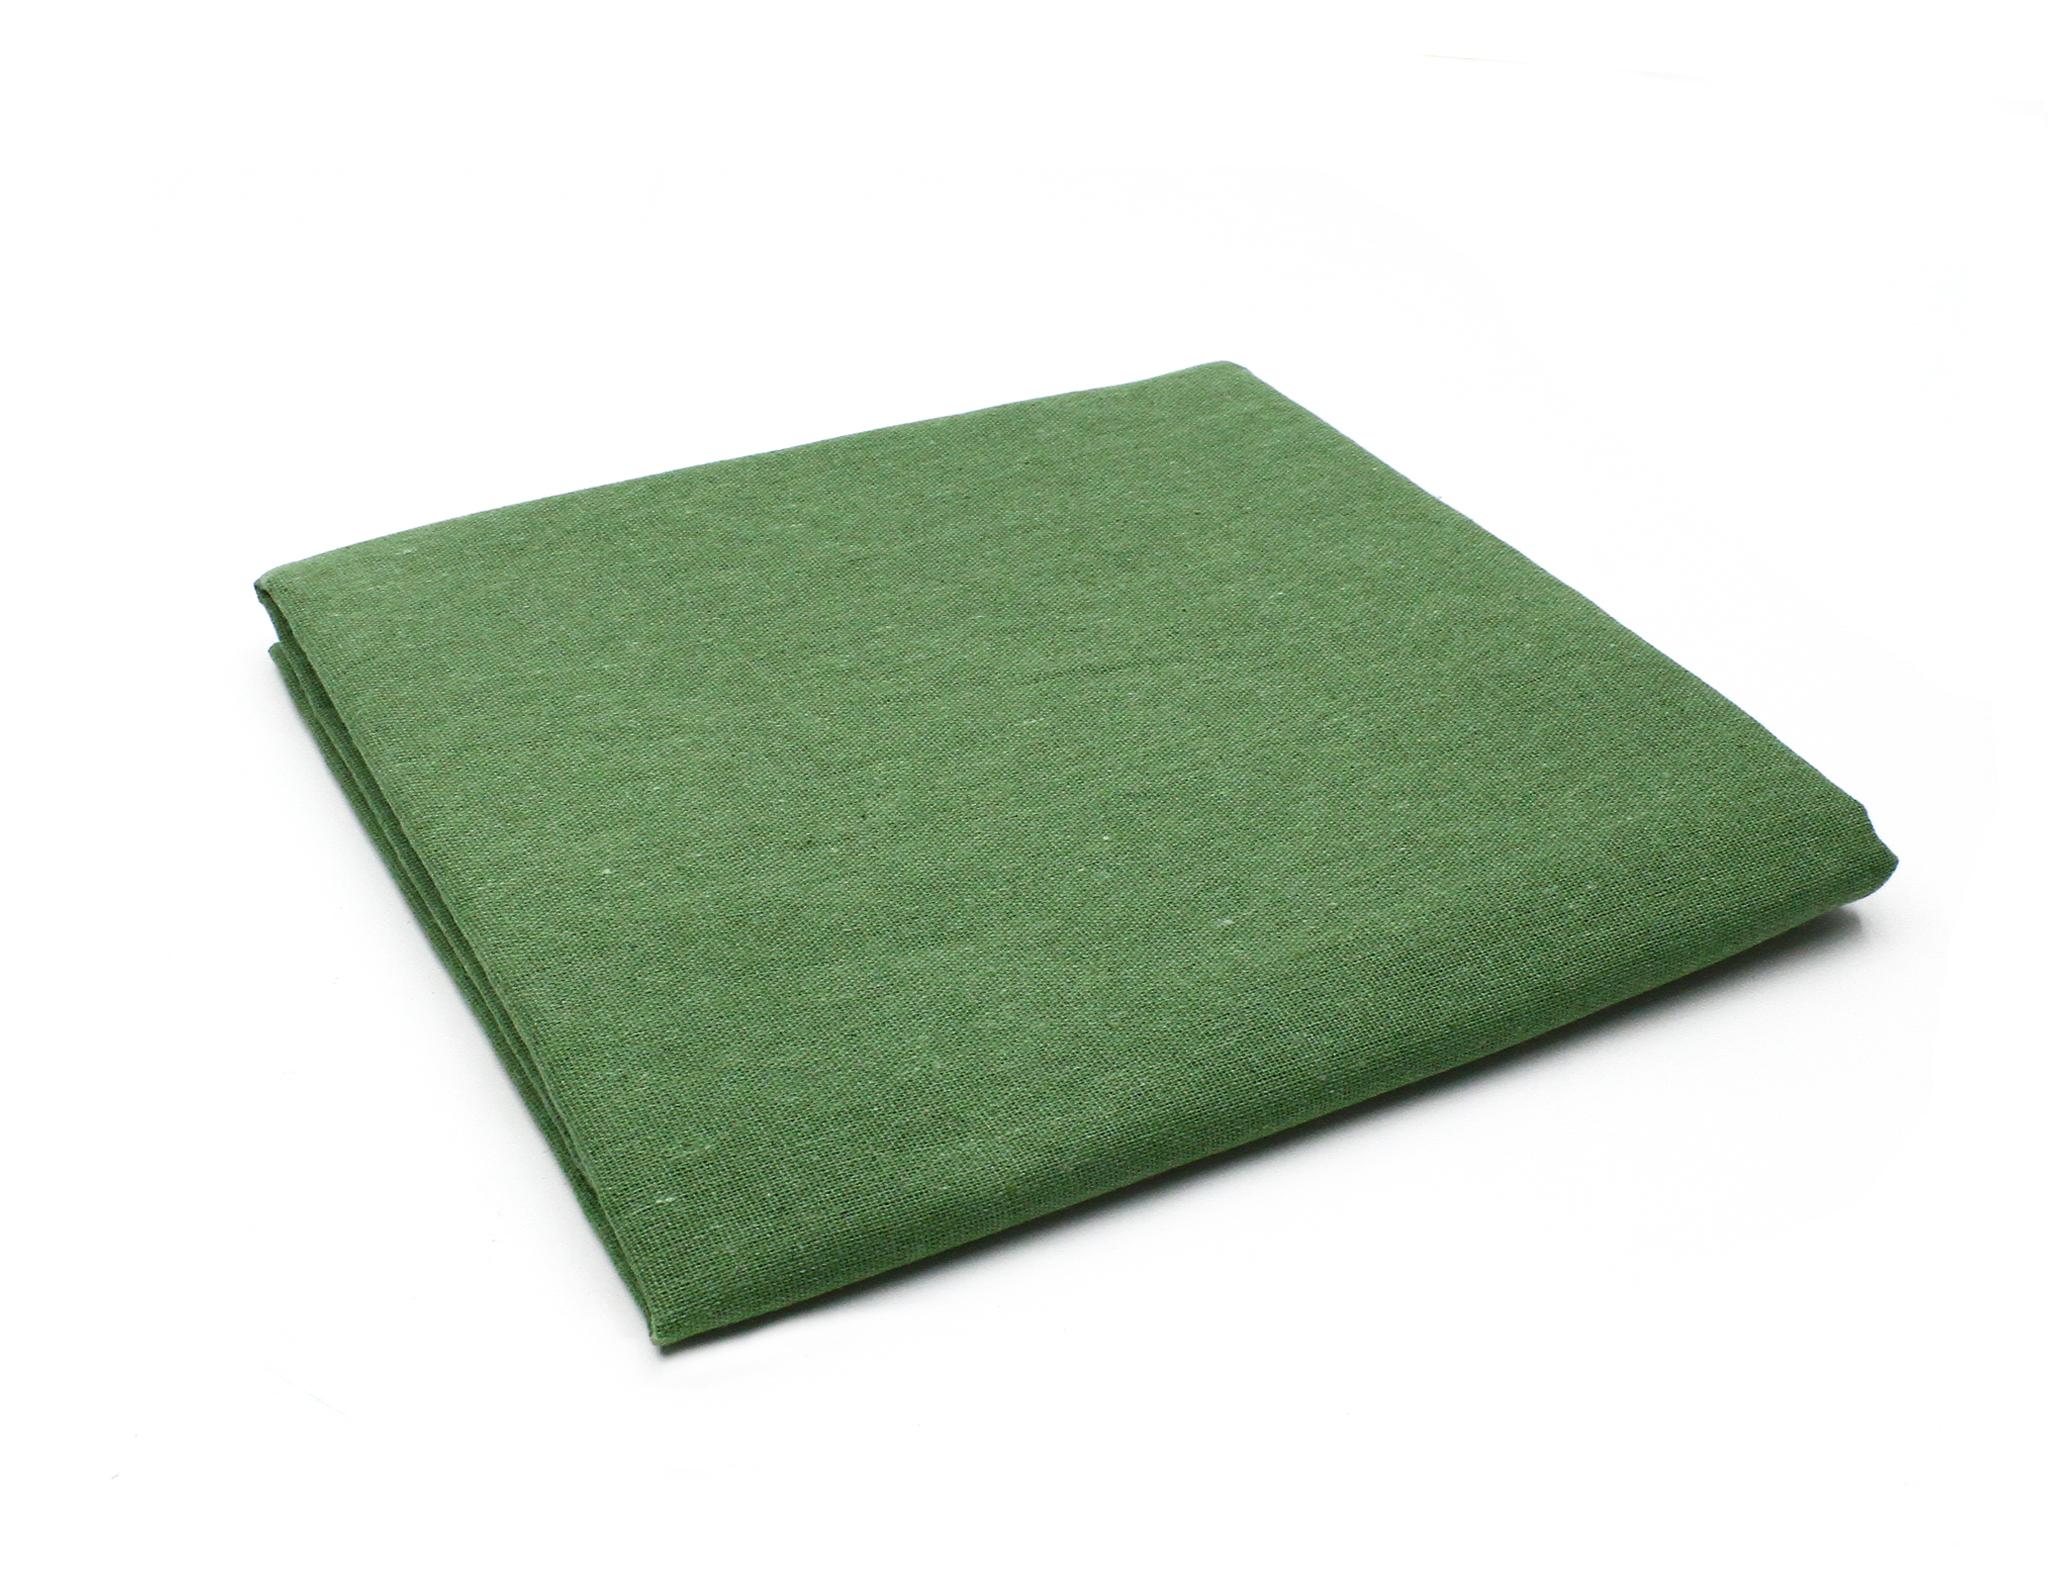 Светло-зеленый, хлопок-лен